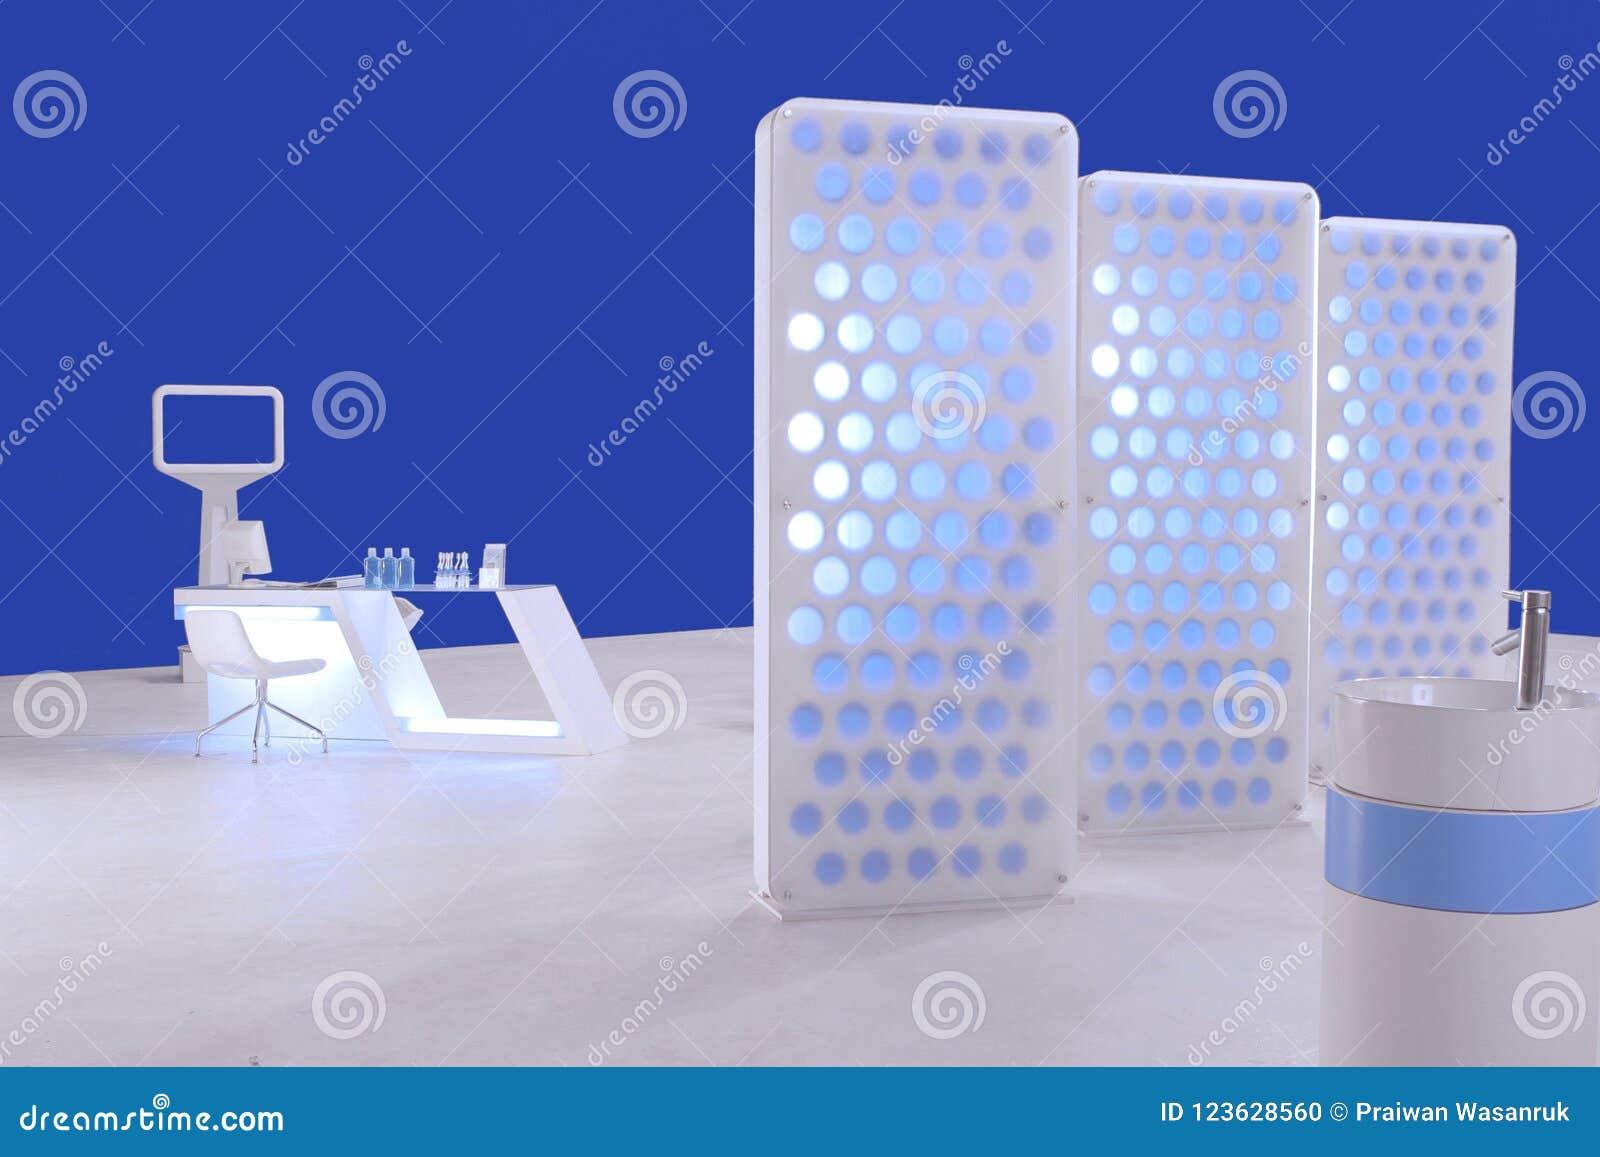 Rozdziały i przestrzeń z stomatologicznej opieki budka